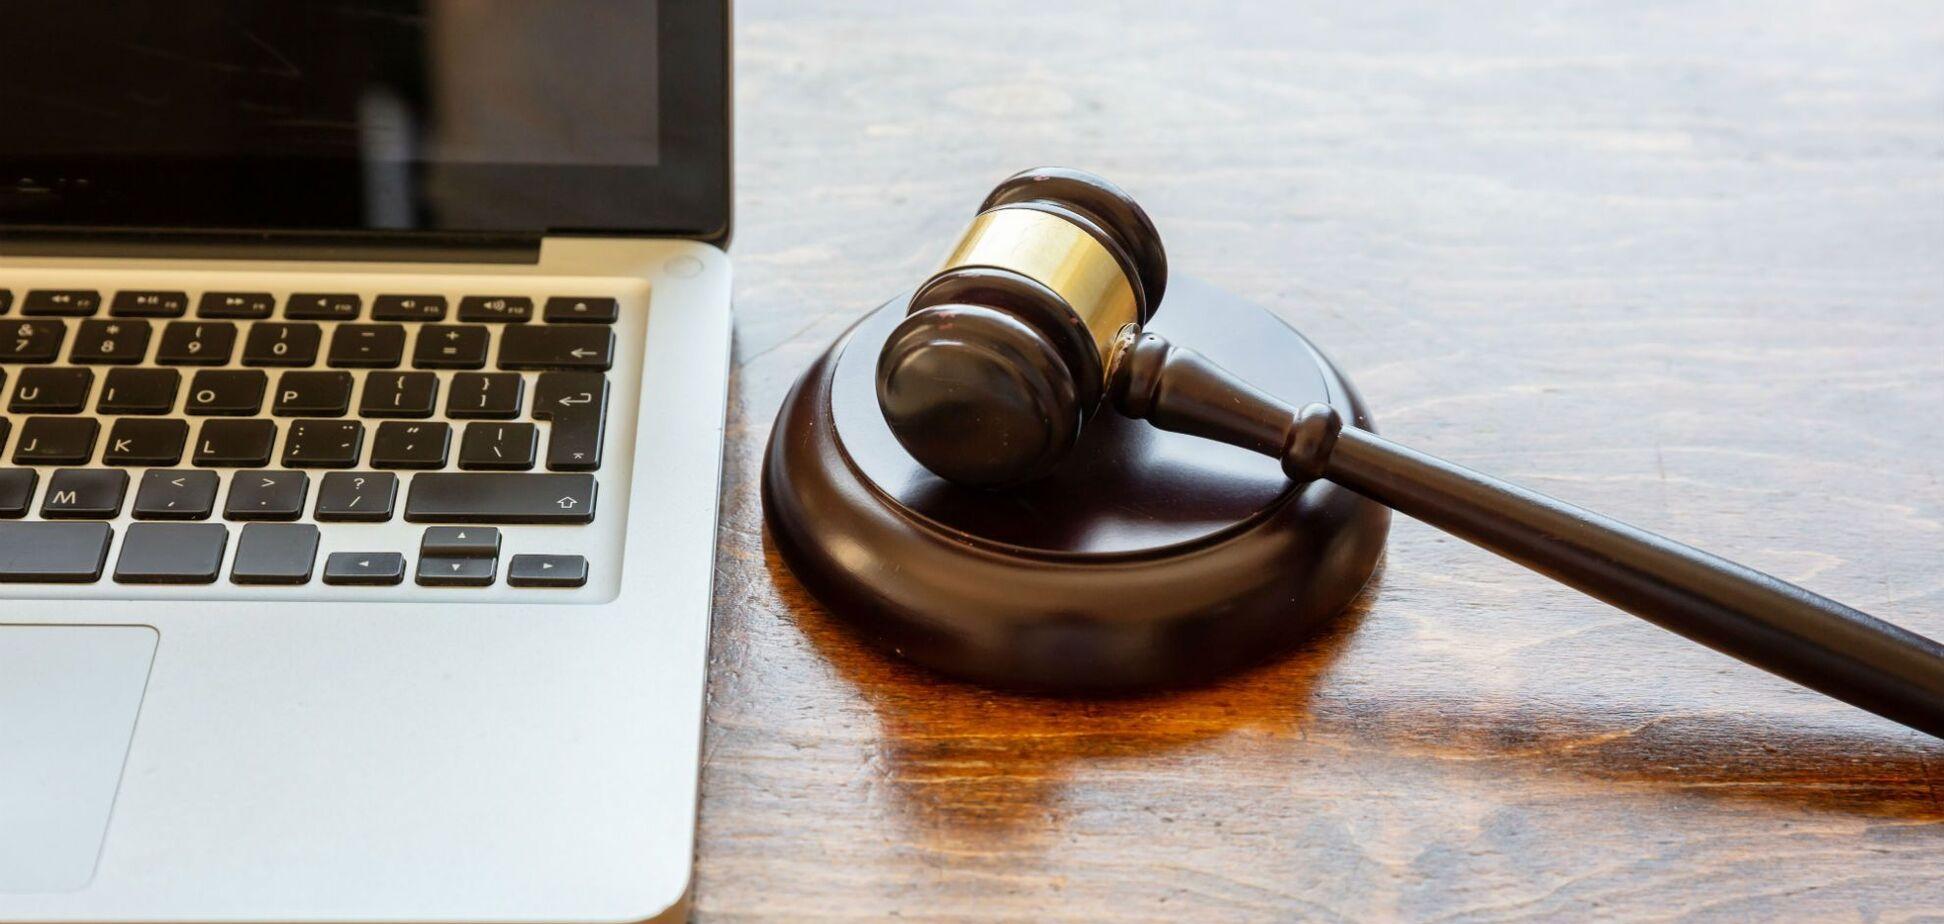 Электронный суд: вскоре во всех смартфонах страны